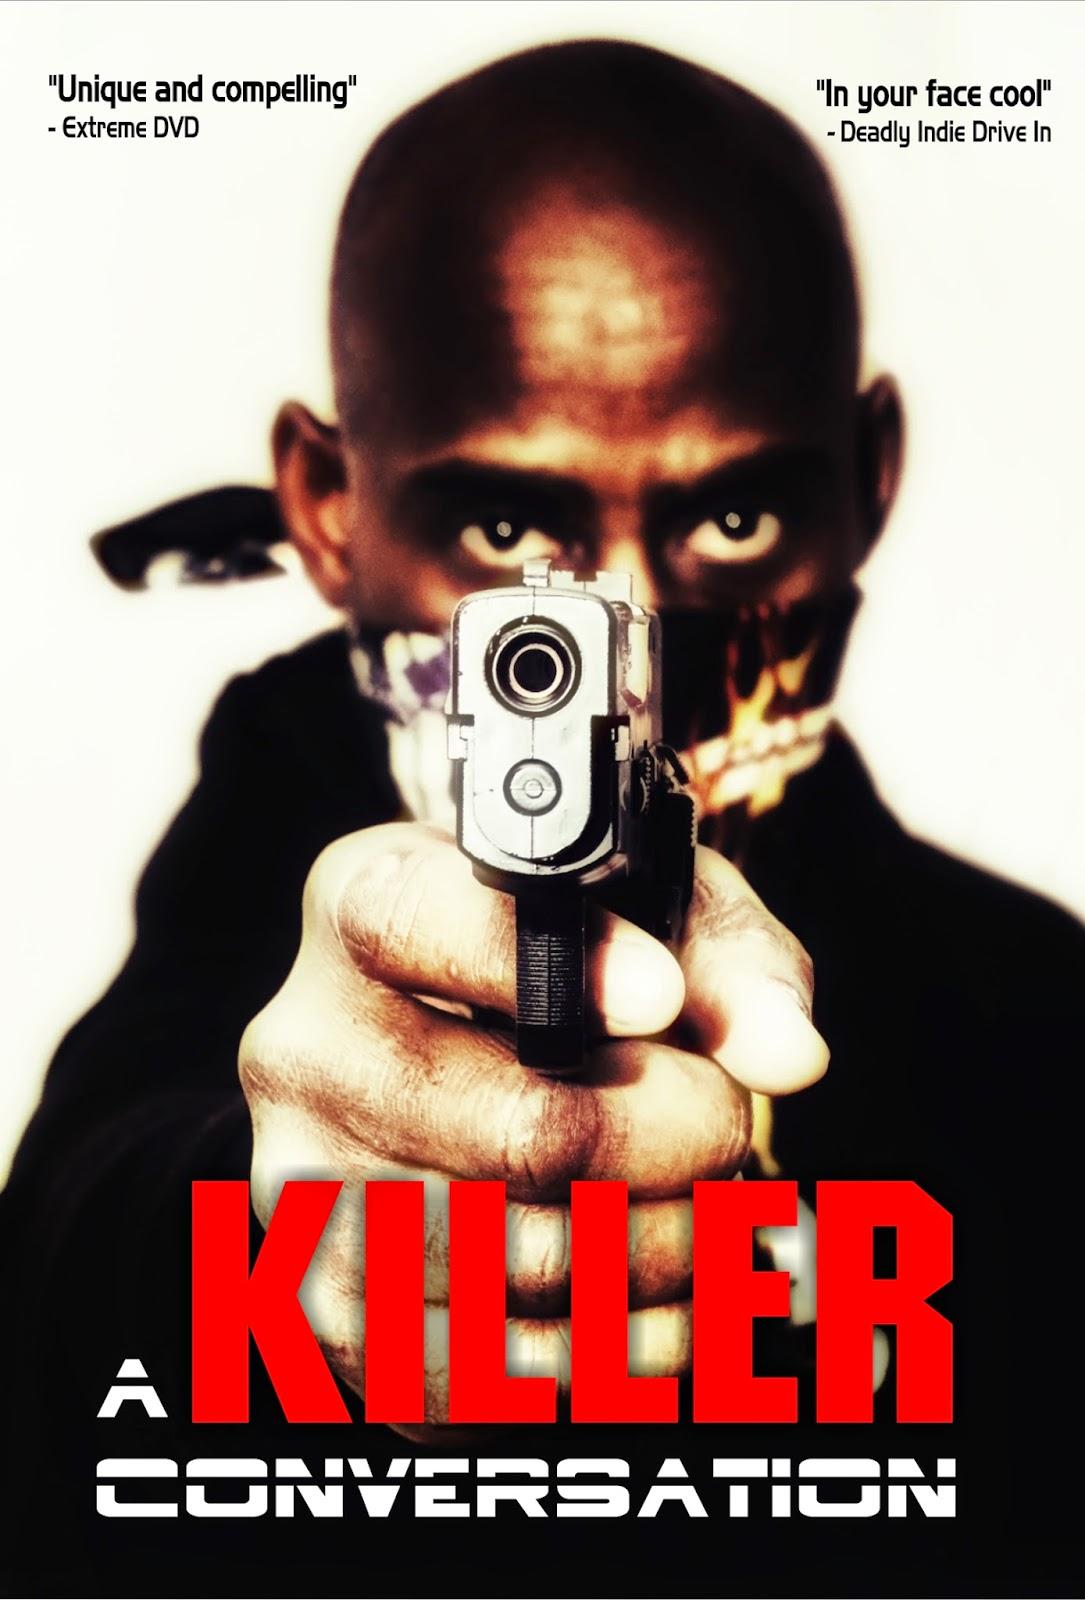 A Killer Conversation poster